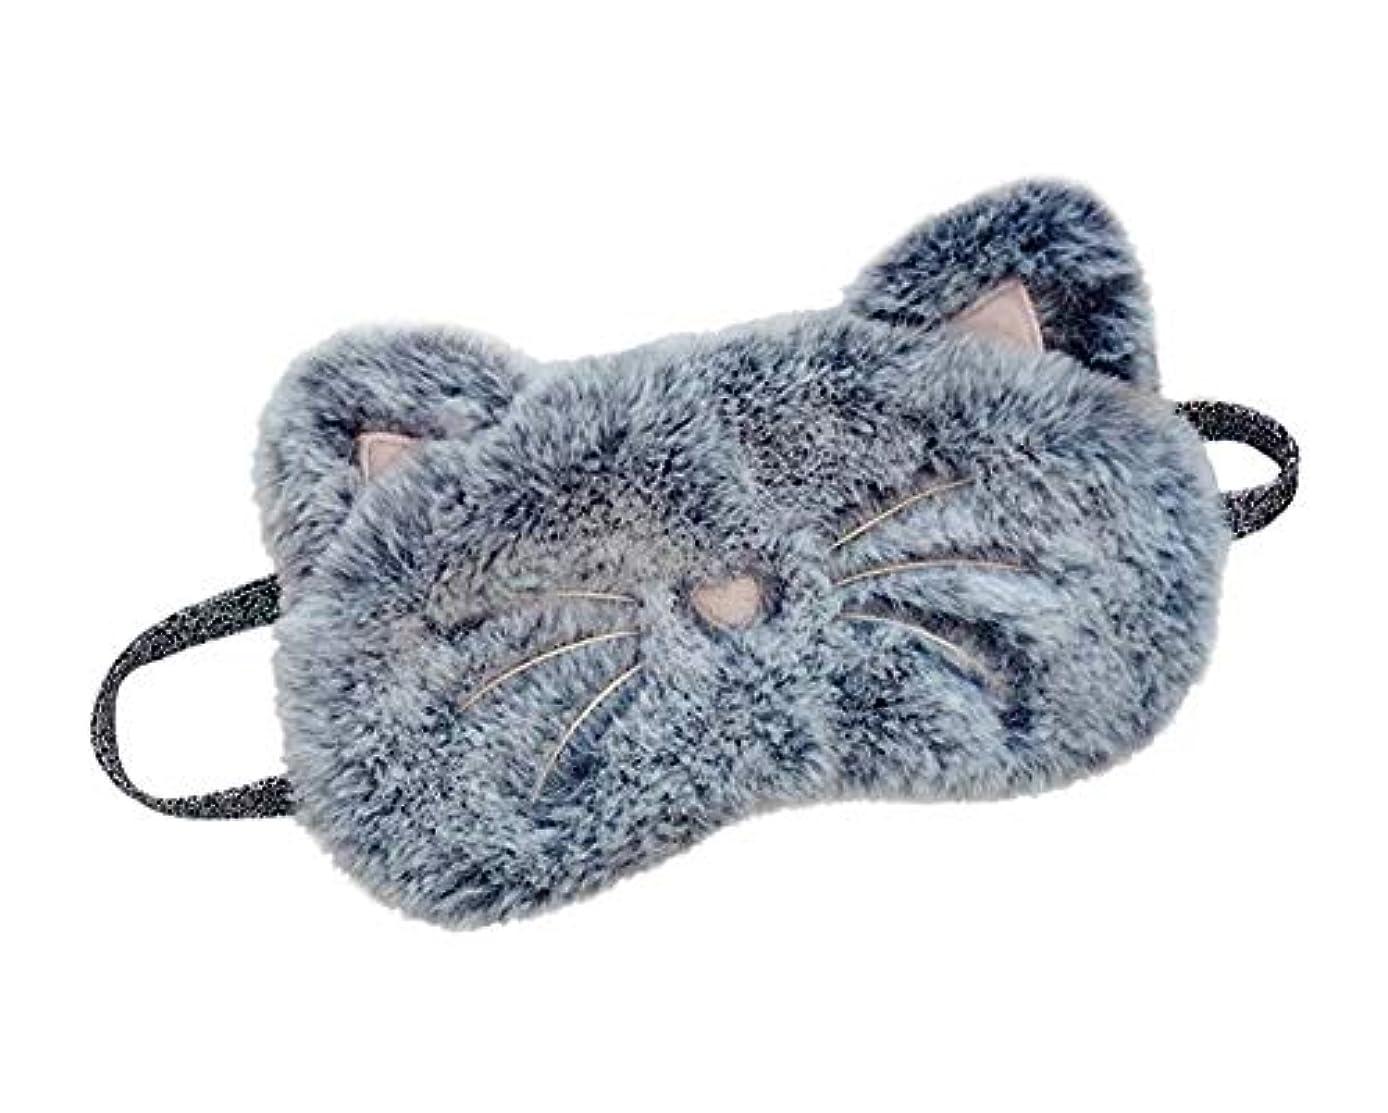 広々言い換えるとログかわいい動物漫画猫睡眠アイマスクソフトアイカバー目隠しマスク